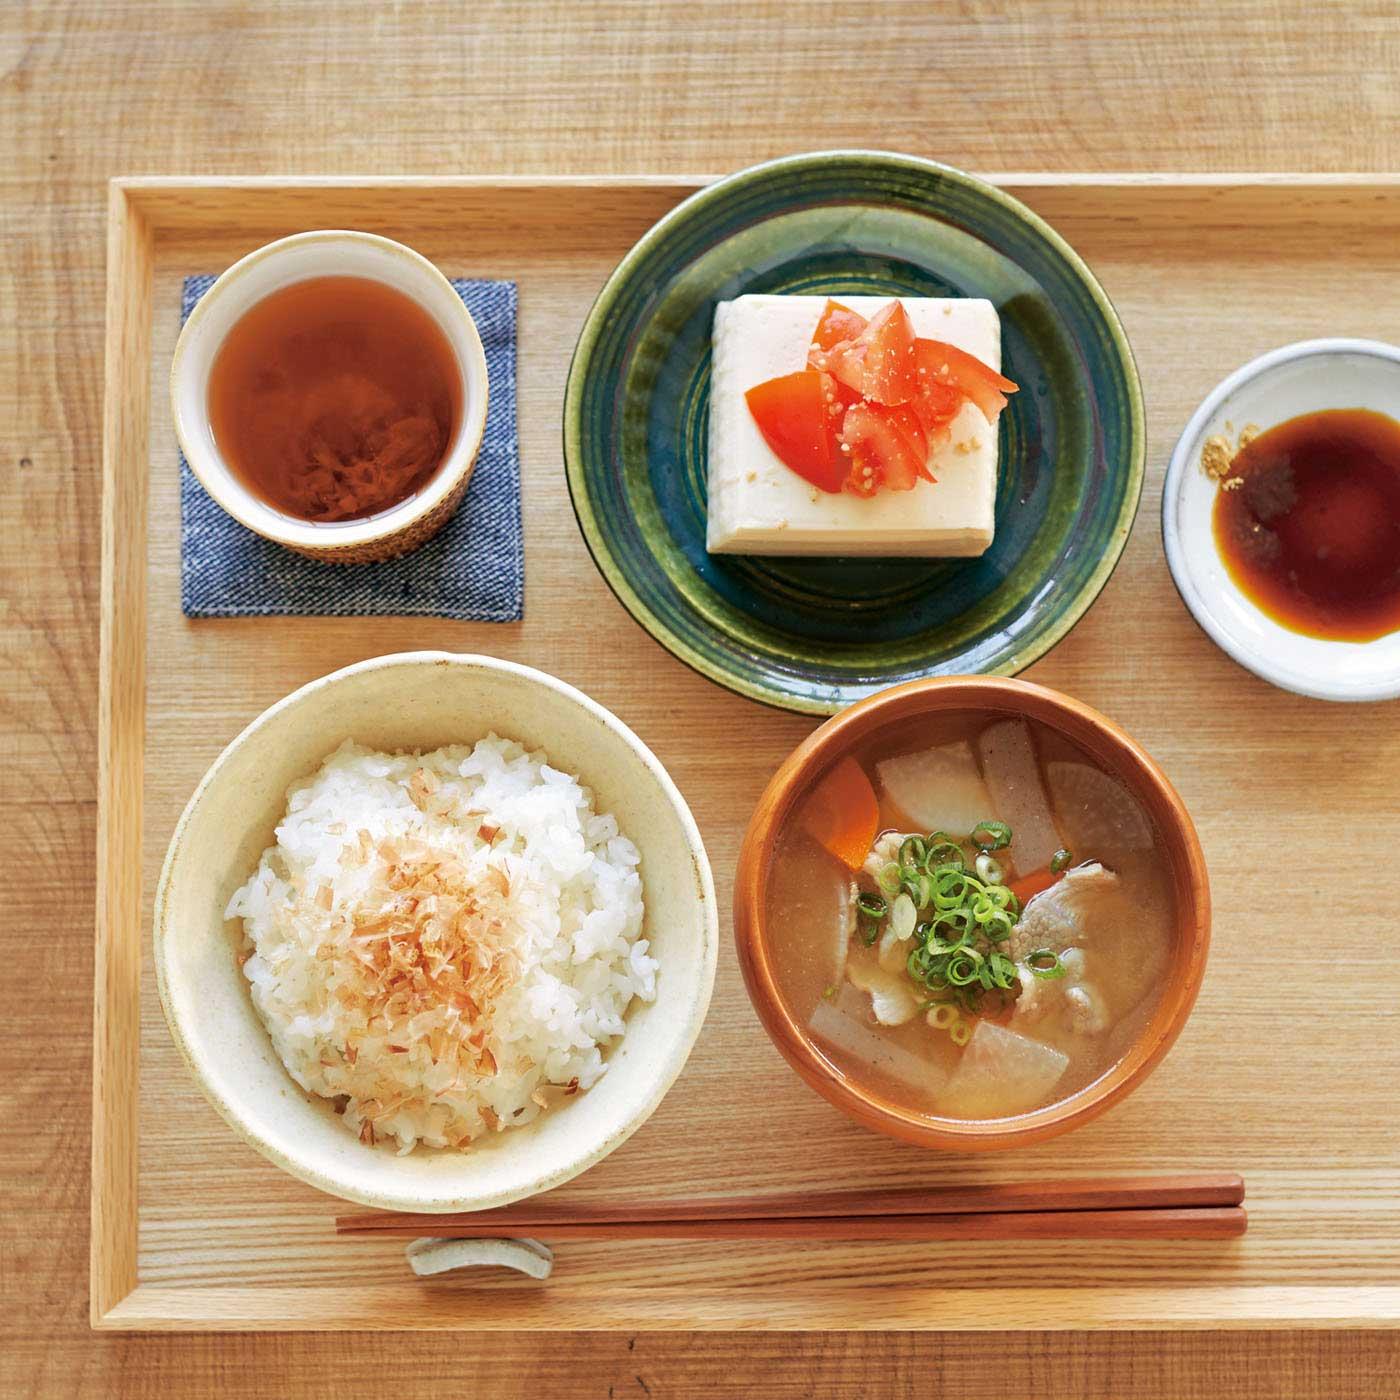 番茶や冷ややっこ、生姜混ぜご飯、豚汁などにササッと混ぜるだけ!